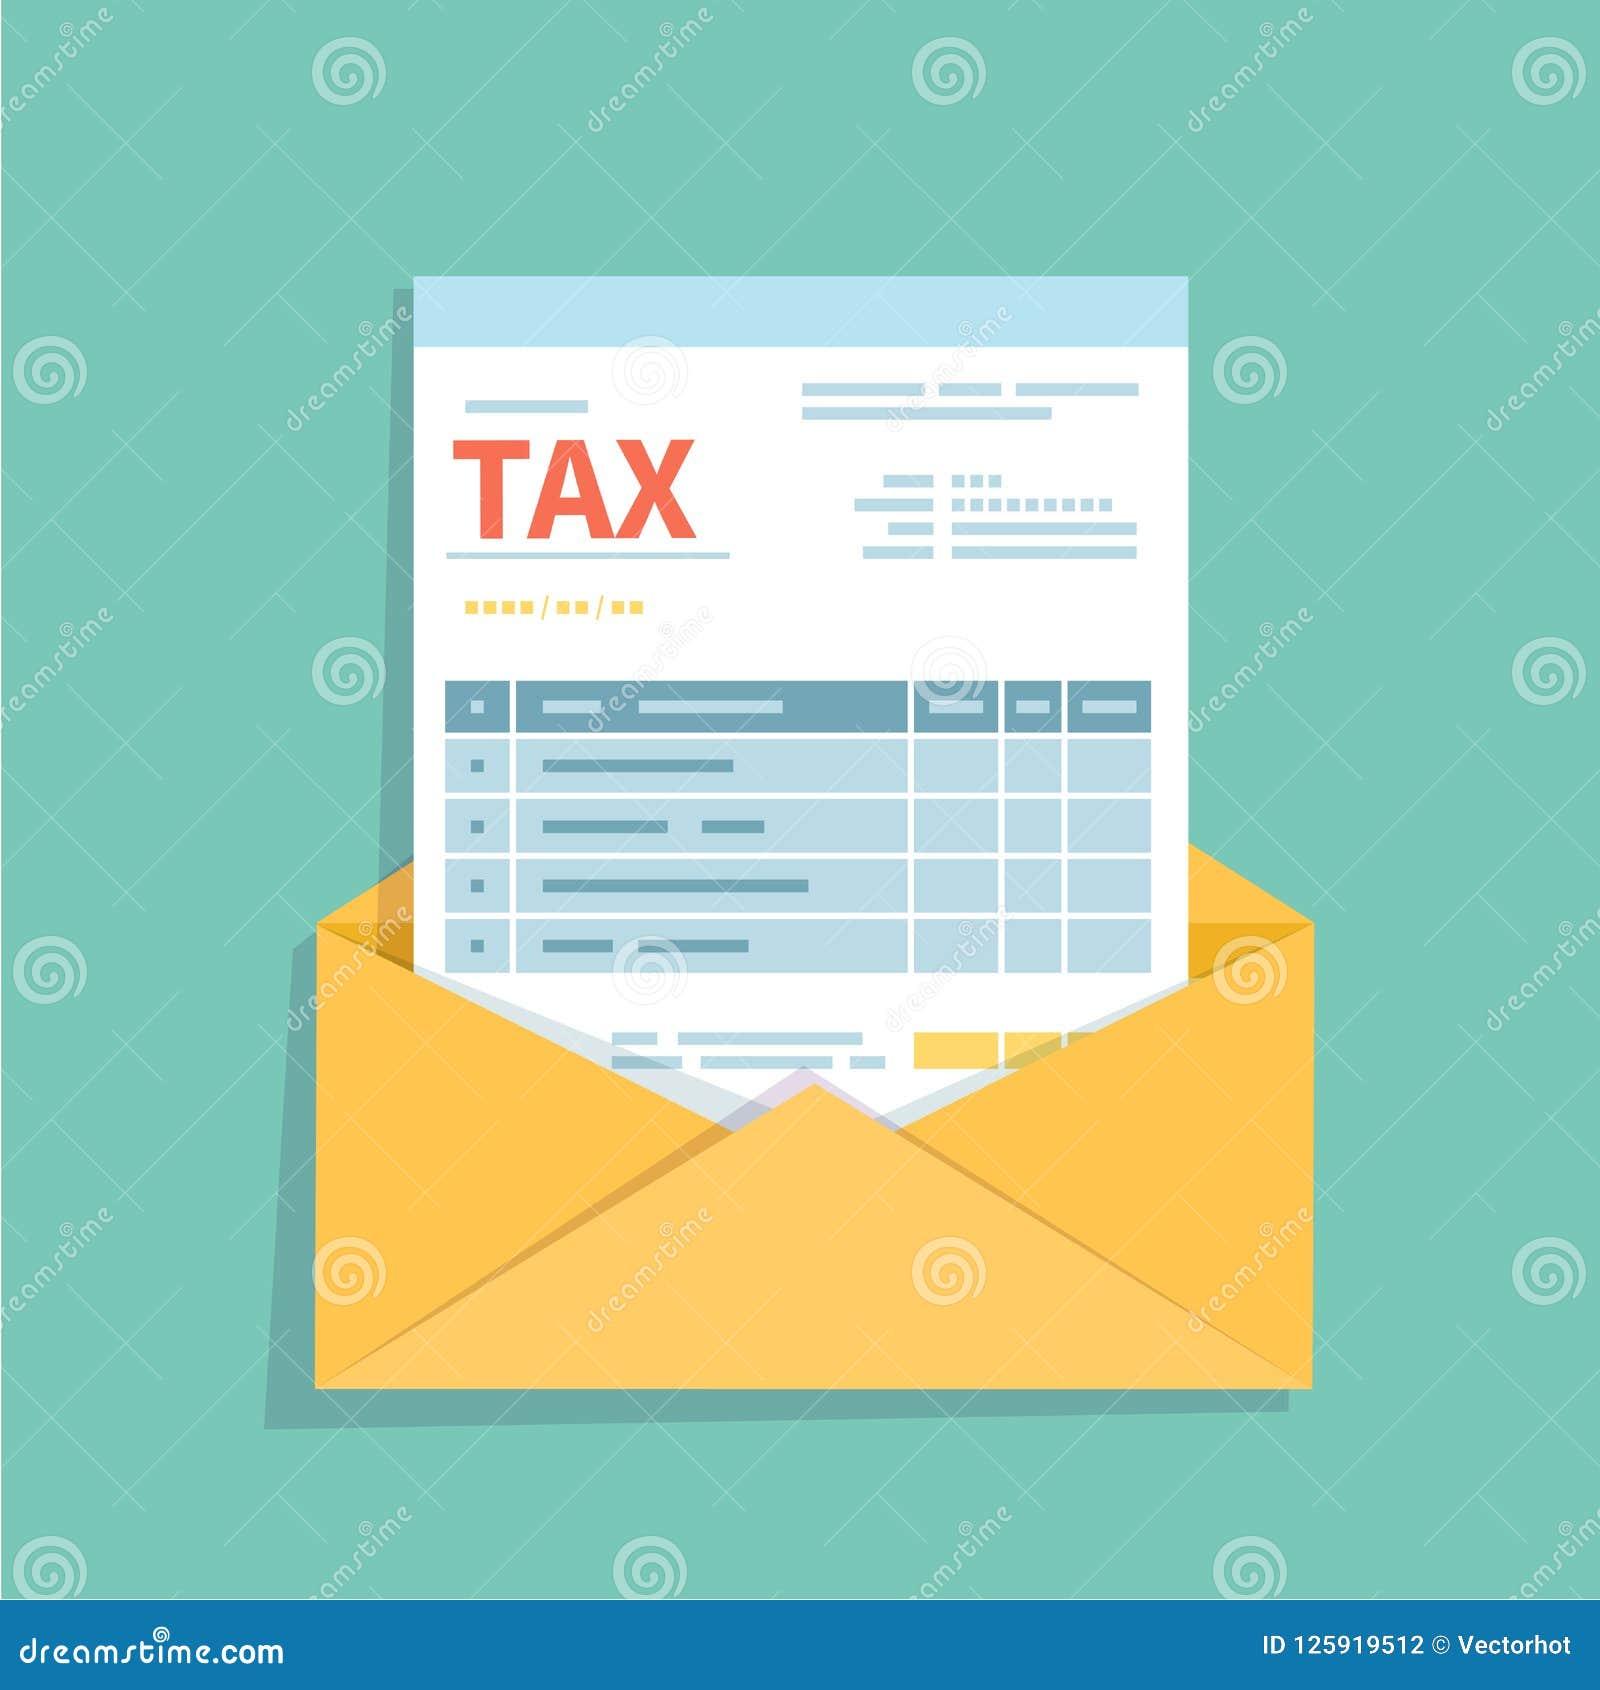 Τιμολόγιο σε έναν ανοικτό φάκελο Ασυμπλήρωτη, minimalistic μορφή του εγγράφου Πληρωμή και τιμολόγηση, επιχείρηση ή οικονομικές δι